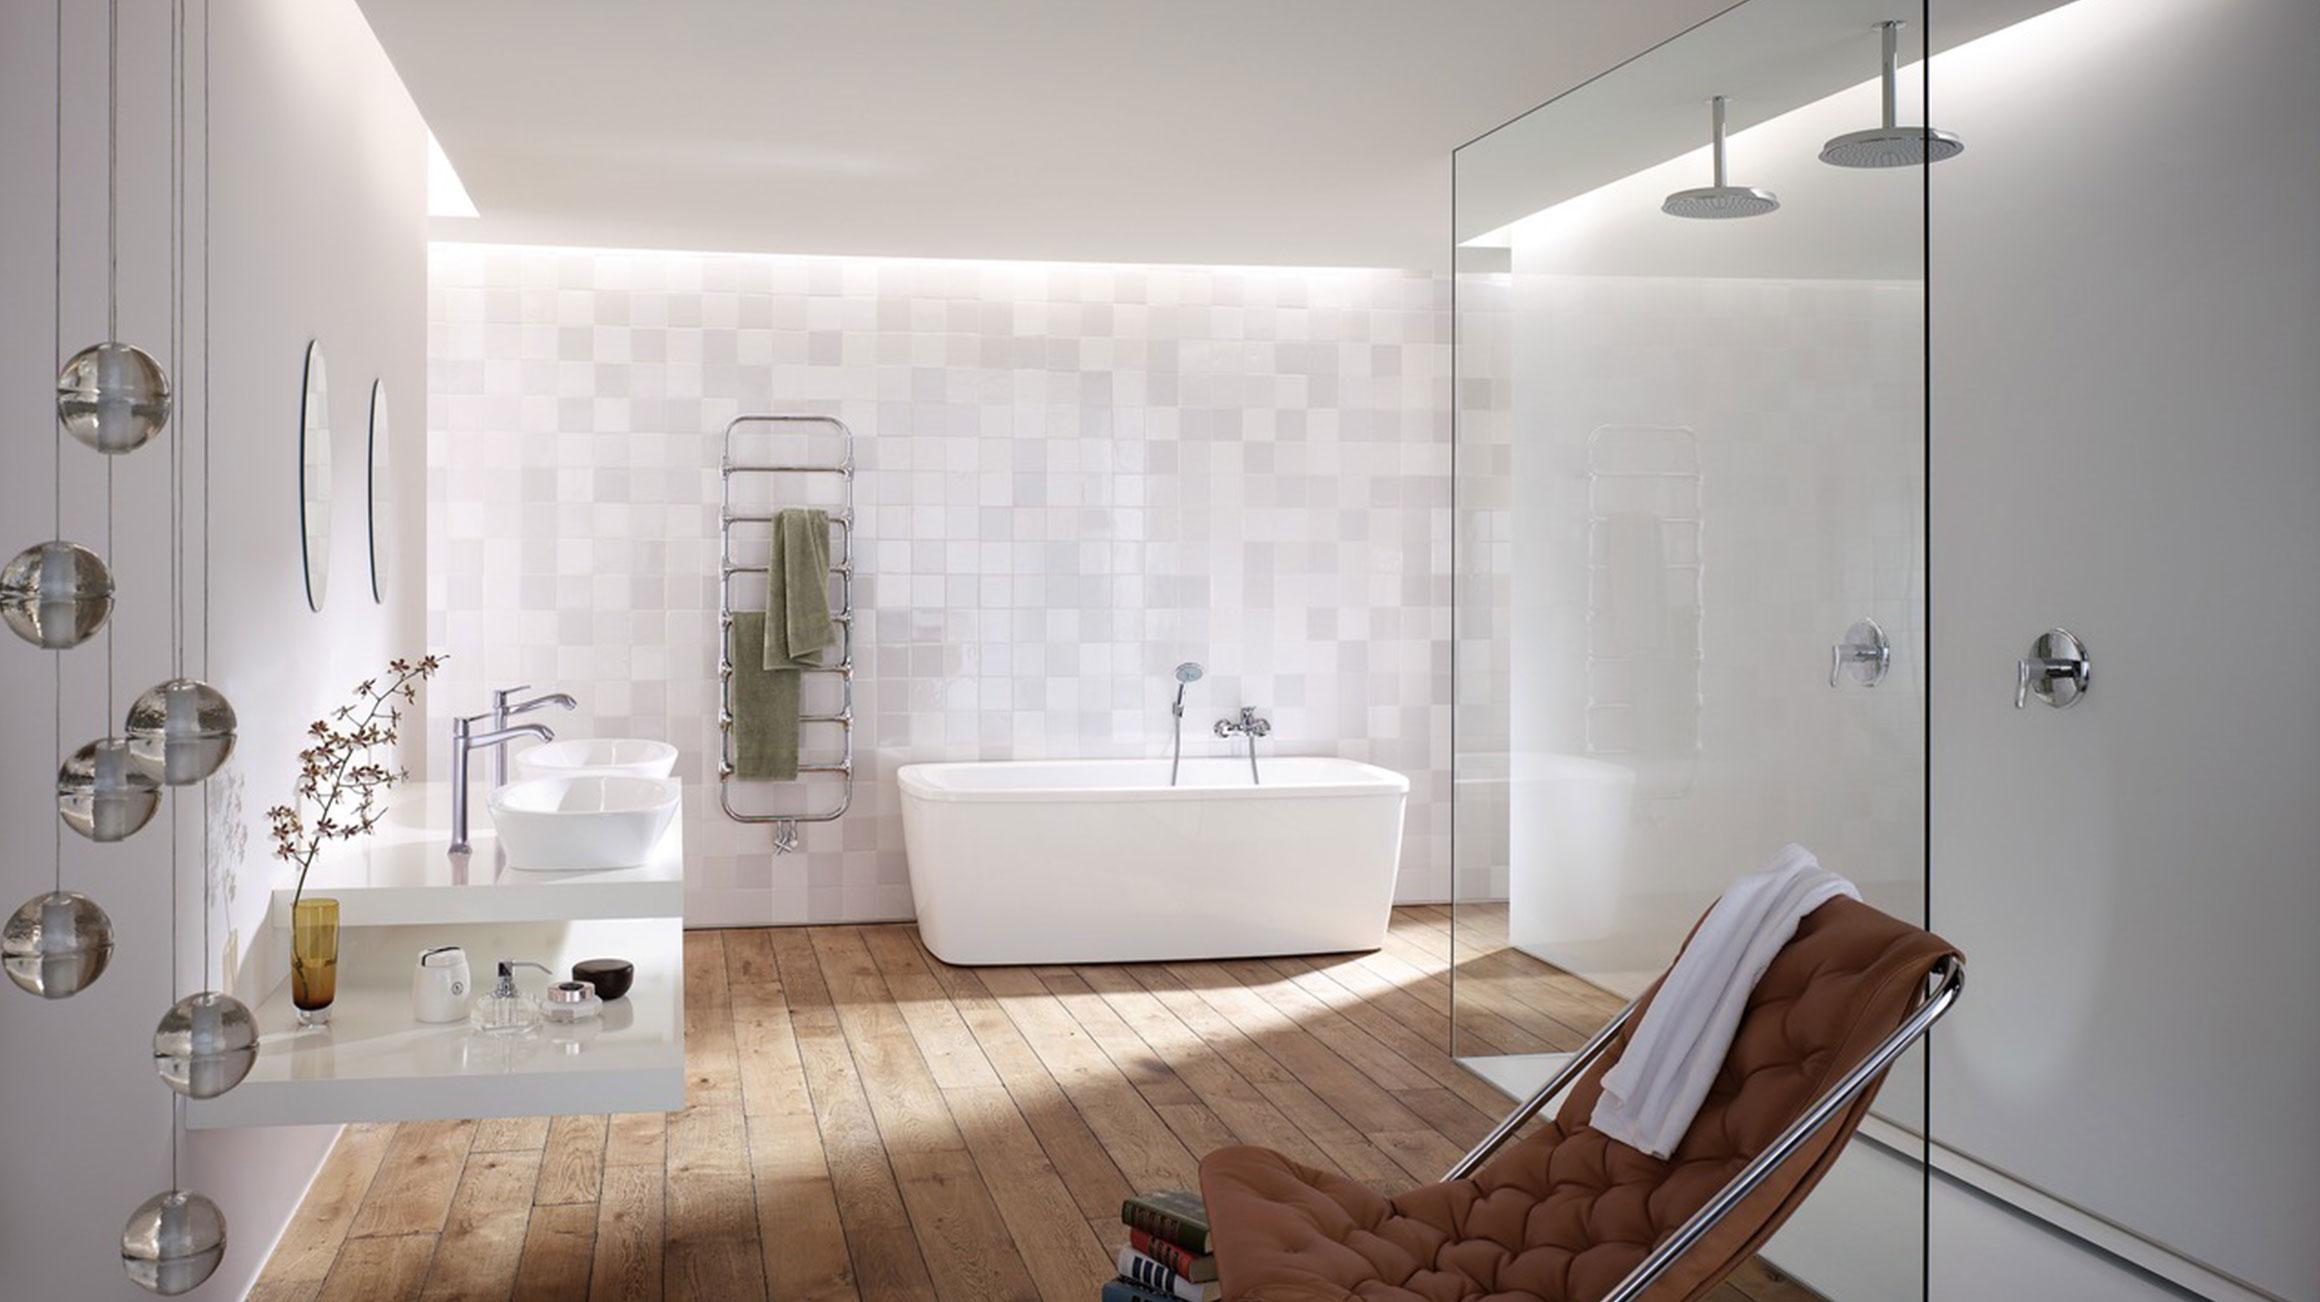 Salle De Bain Classique Au Design Moderne Hansgrohe Fr